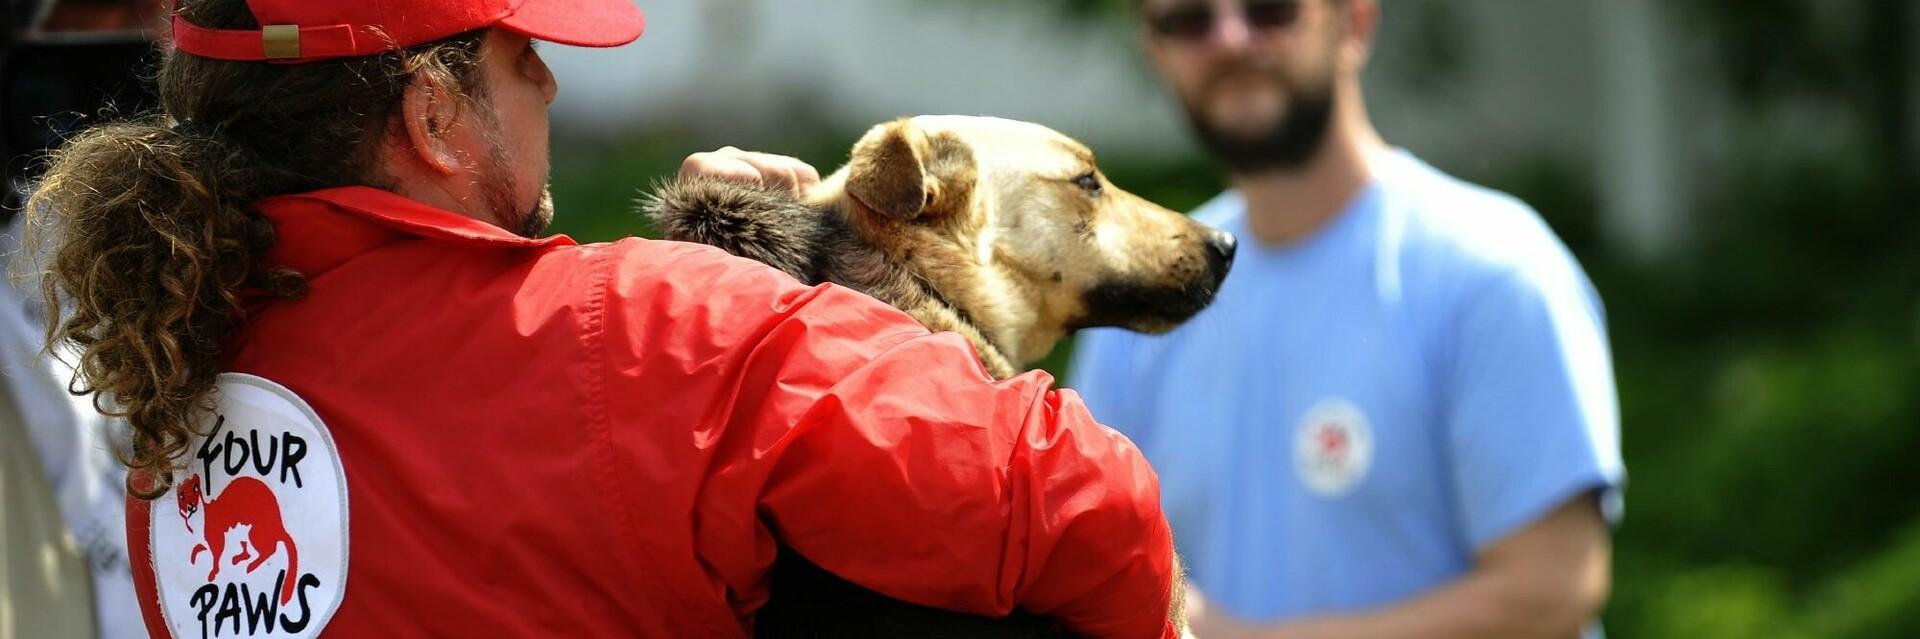 Mitarbeiter trägt geretteten Hund